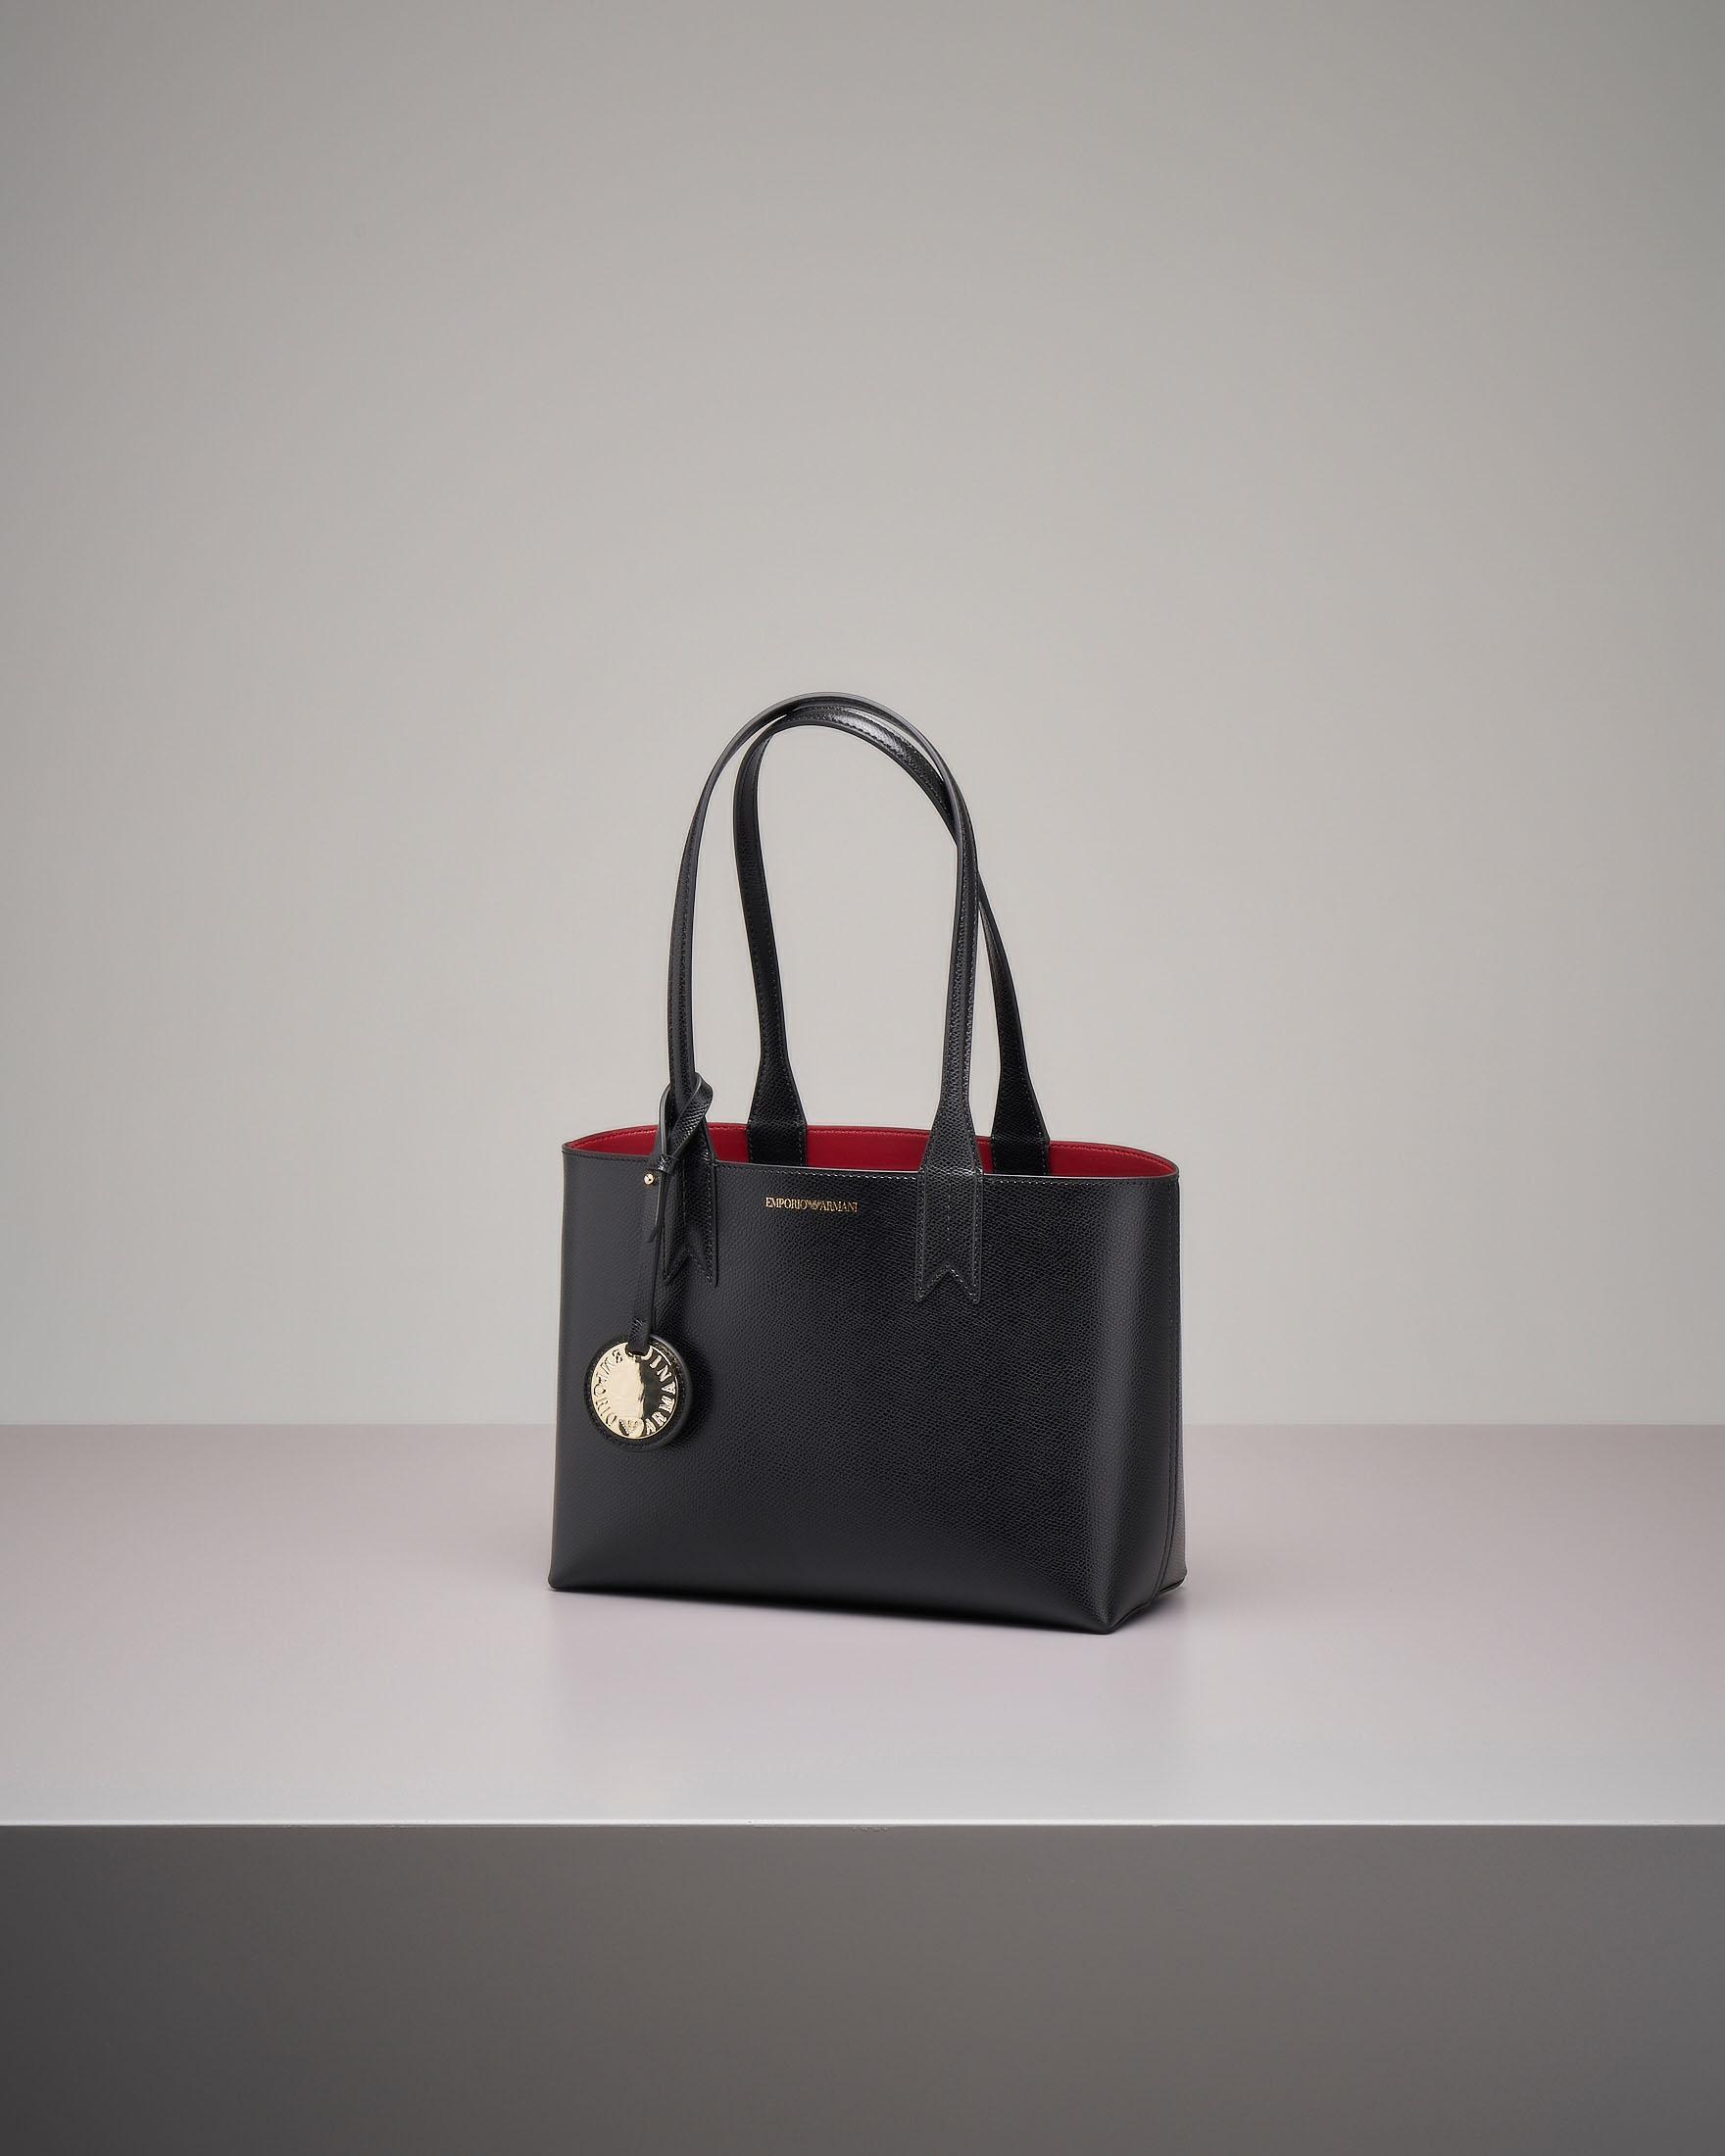 Shopper bag rigida nera misura piccola